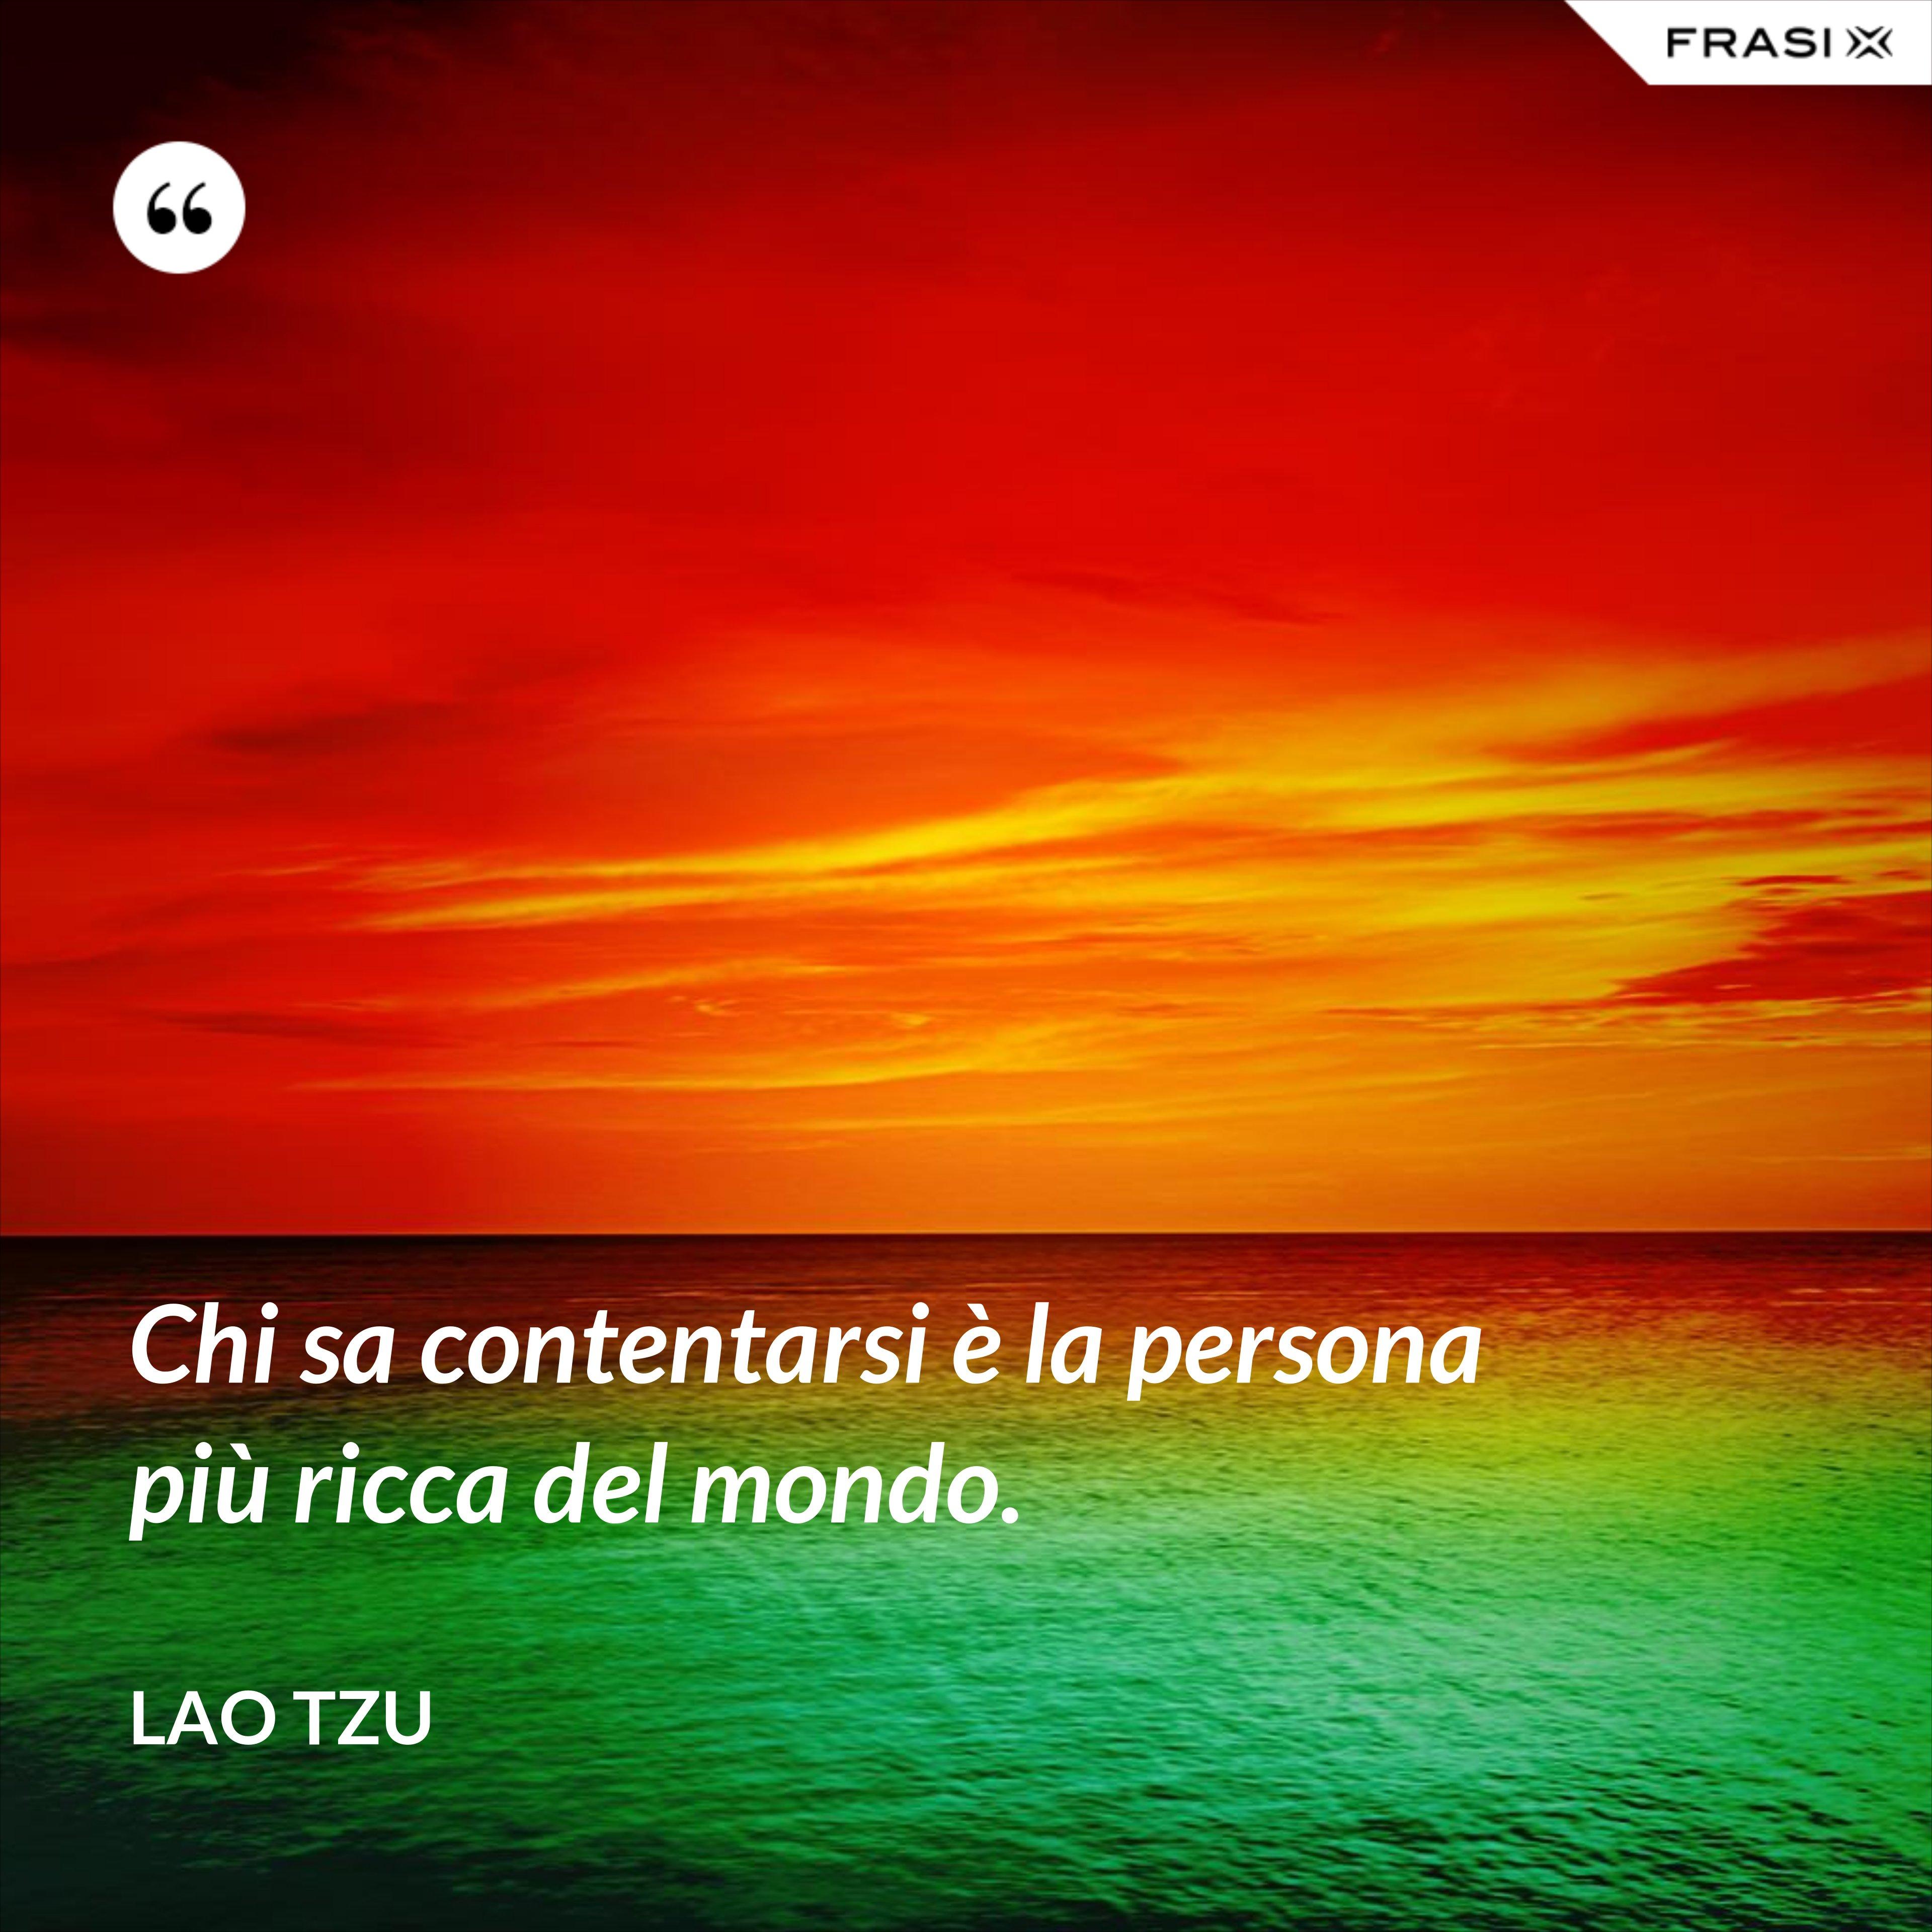 Chi sa contentarsi è la persona più ricca del mondo. - Lao Tzu